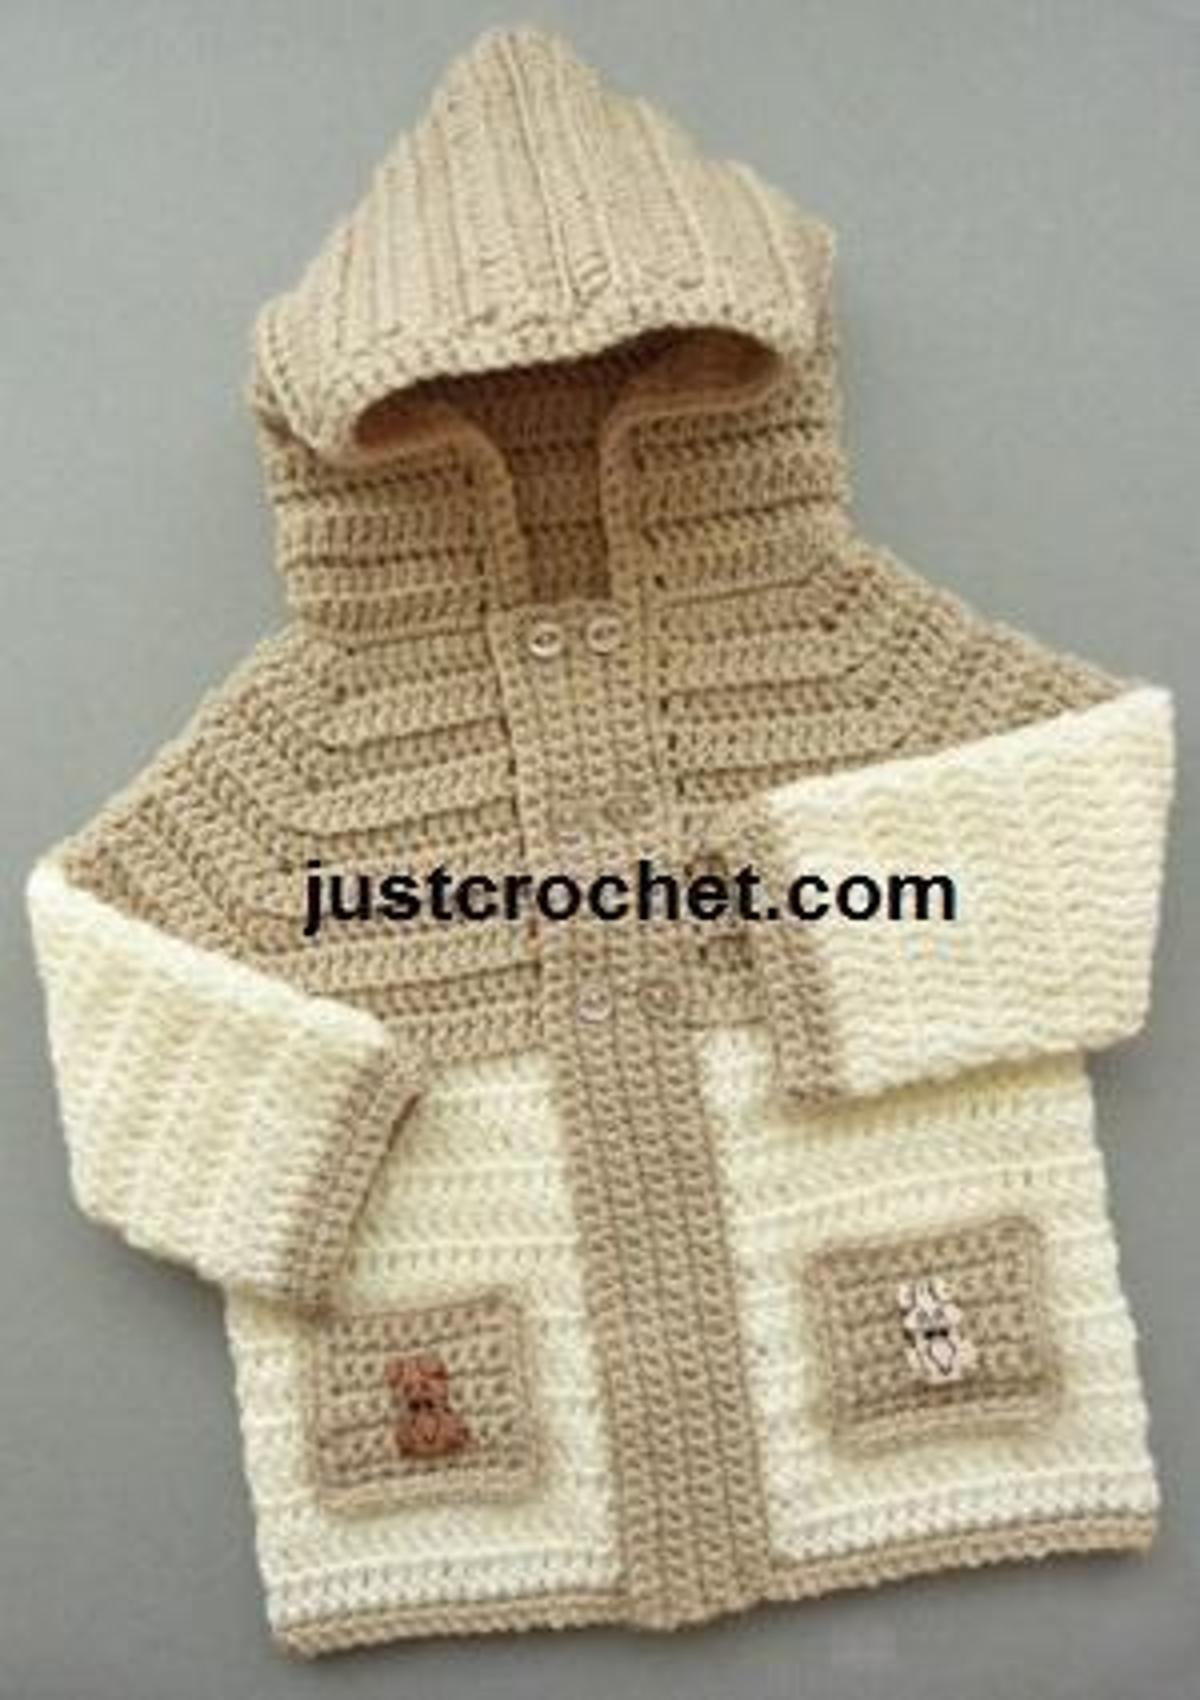 9070bd7d30f8 FJC43-Hooded Jacket Baby crochet pattern